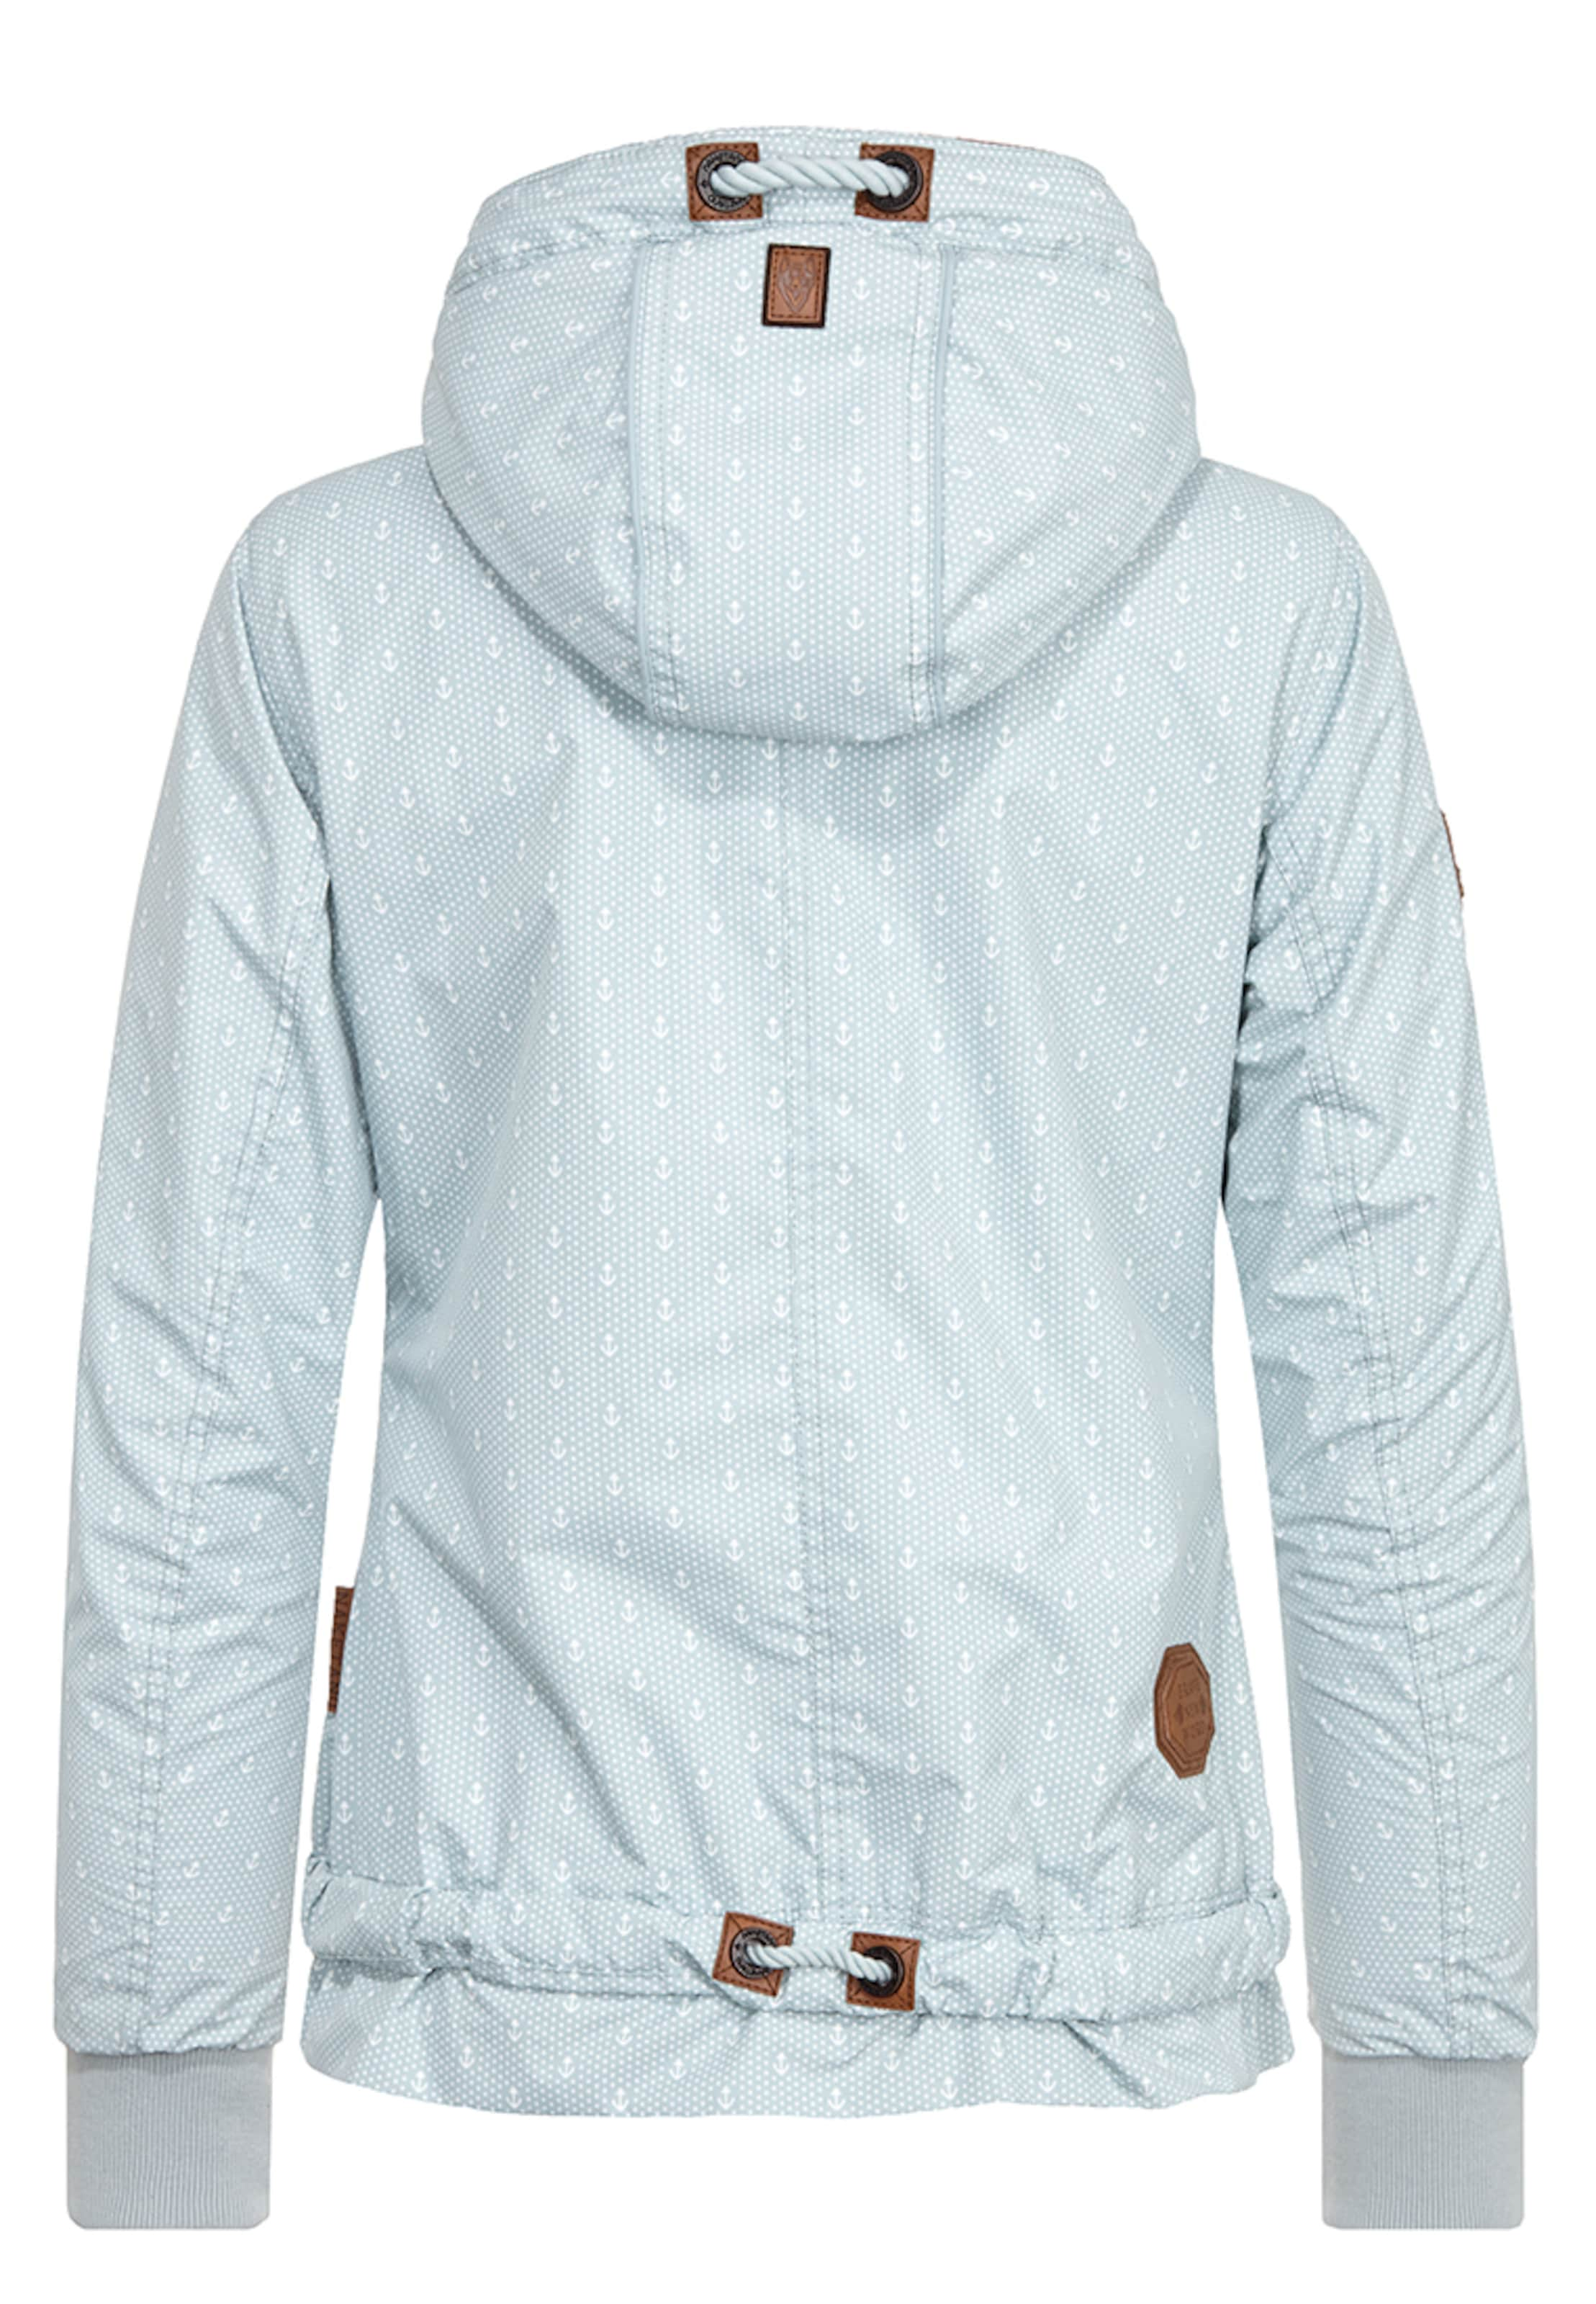 Billig Verkauf Zuverlässig naketano Female Jacket Gleitgelzeit Begrenzt Neue Online Freies Verschiffen 2018 Neue Freies Verschiffen Ebay UrW9Bi8zC